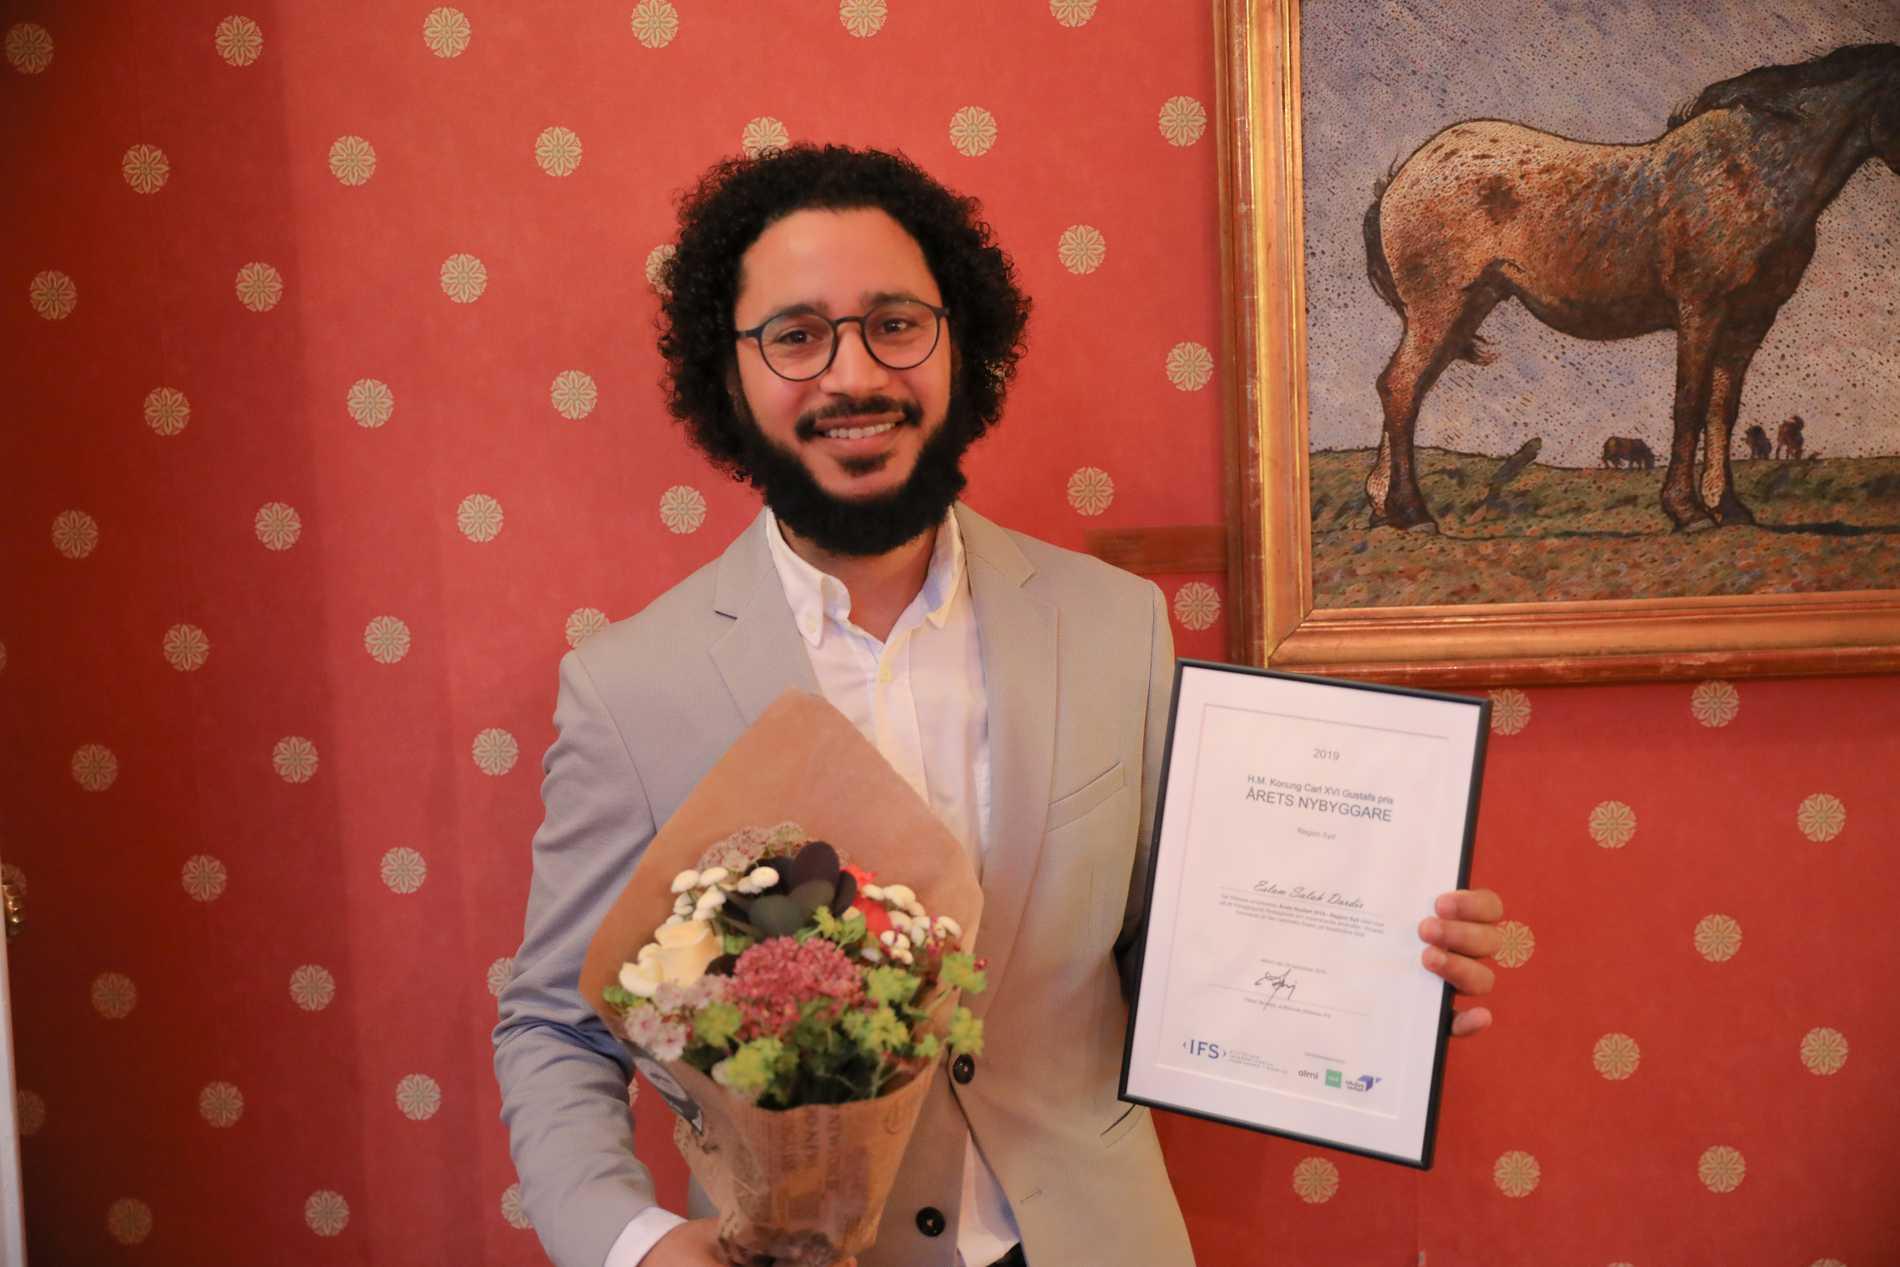 Eslam Salah efter att juryn tilldelat honom priset.